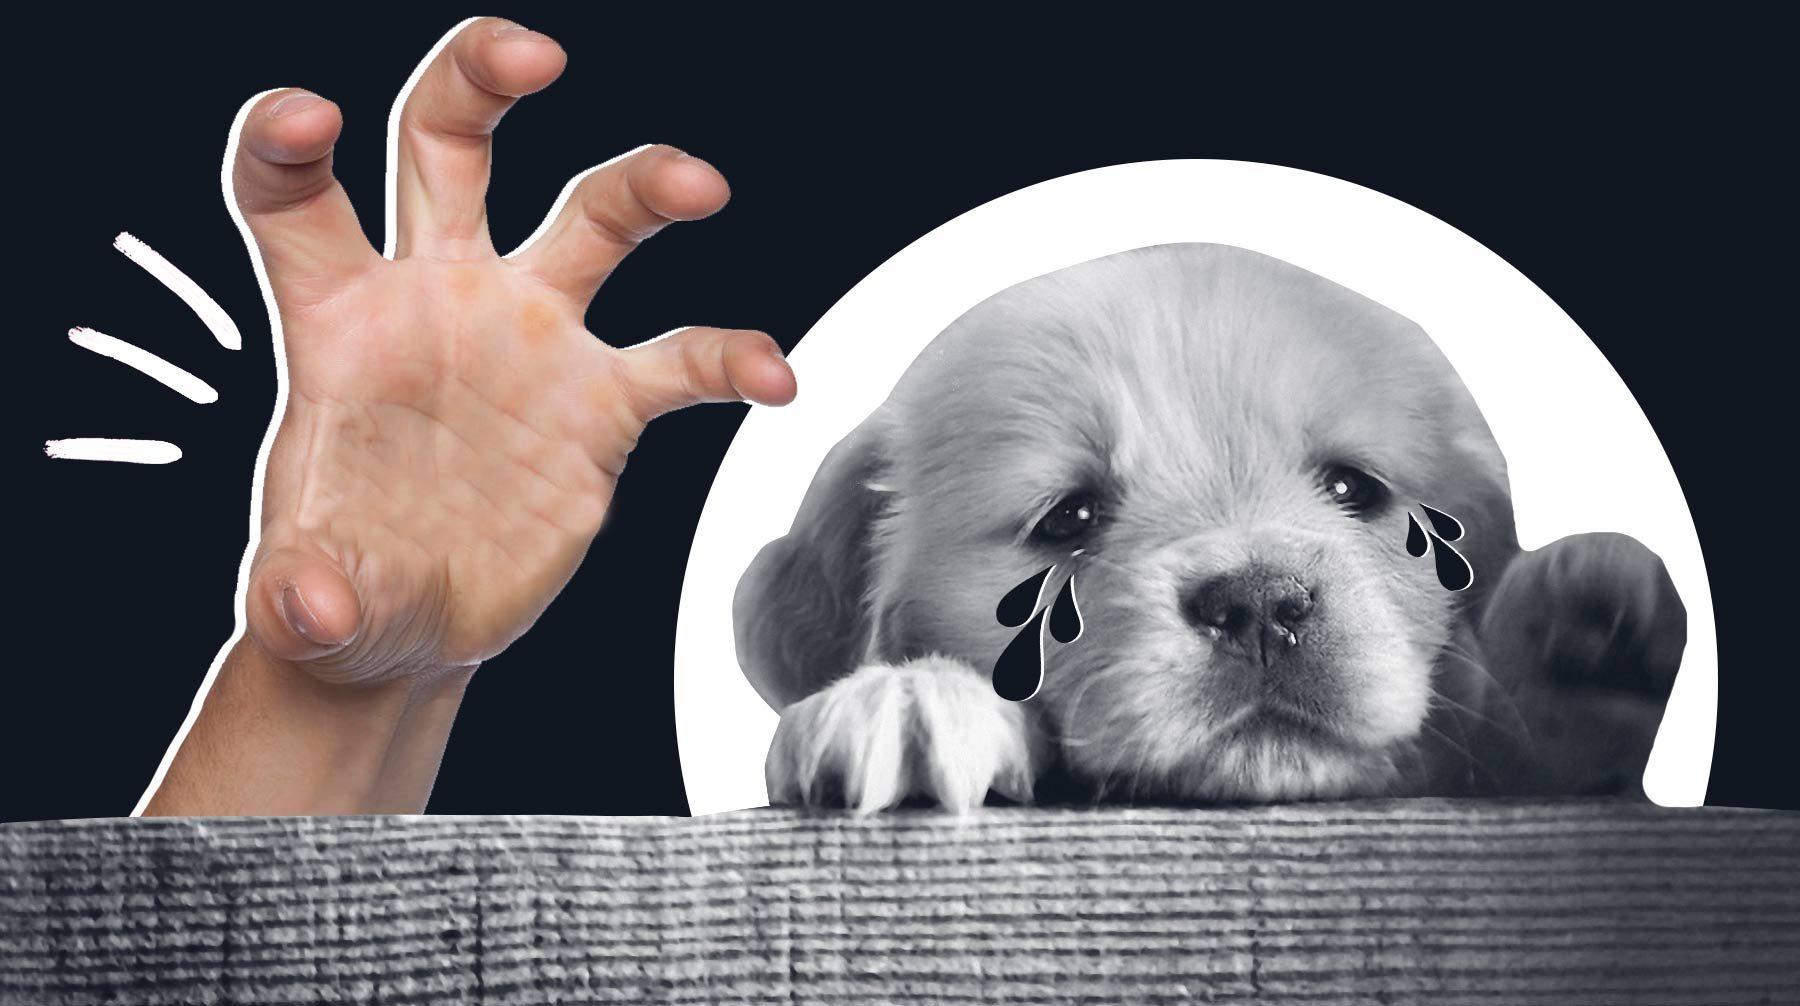 Парня с Херсонщины обманули при покупке собаки